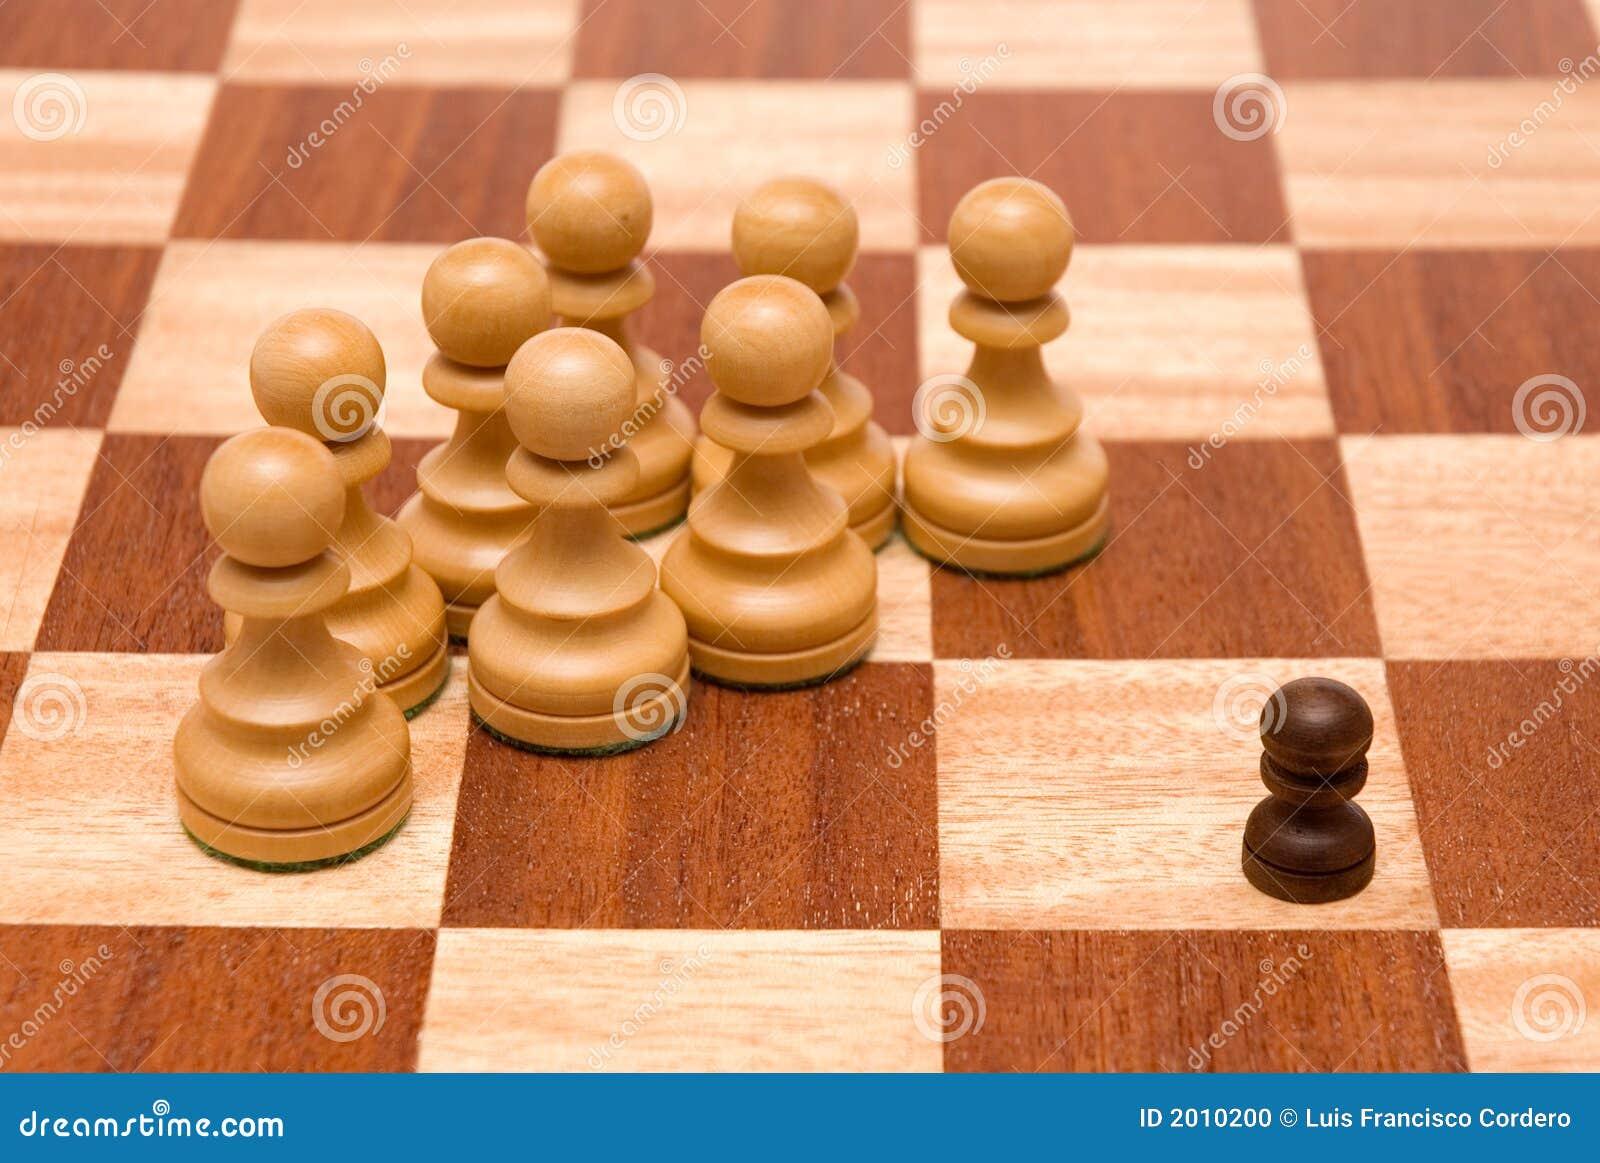 Unbalanced 1 Stock Photo - Image: 2010200